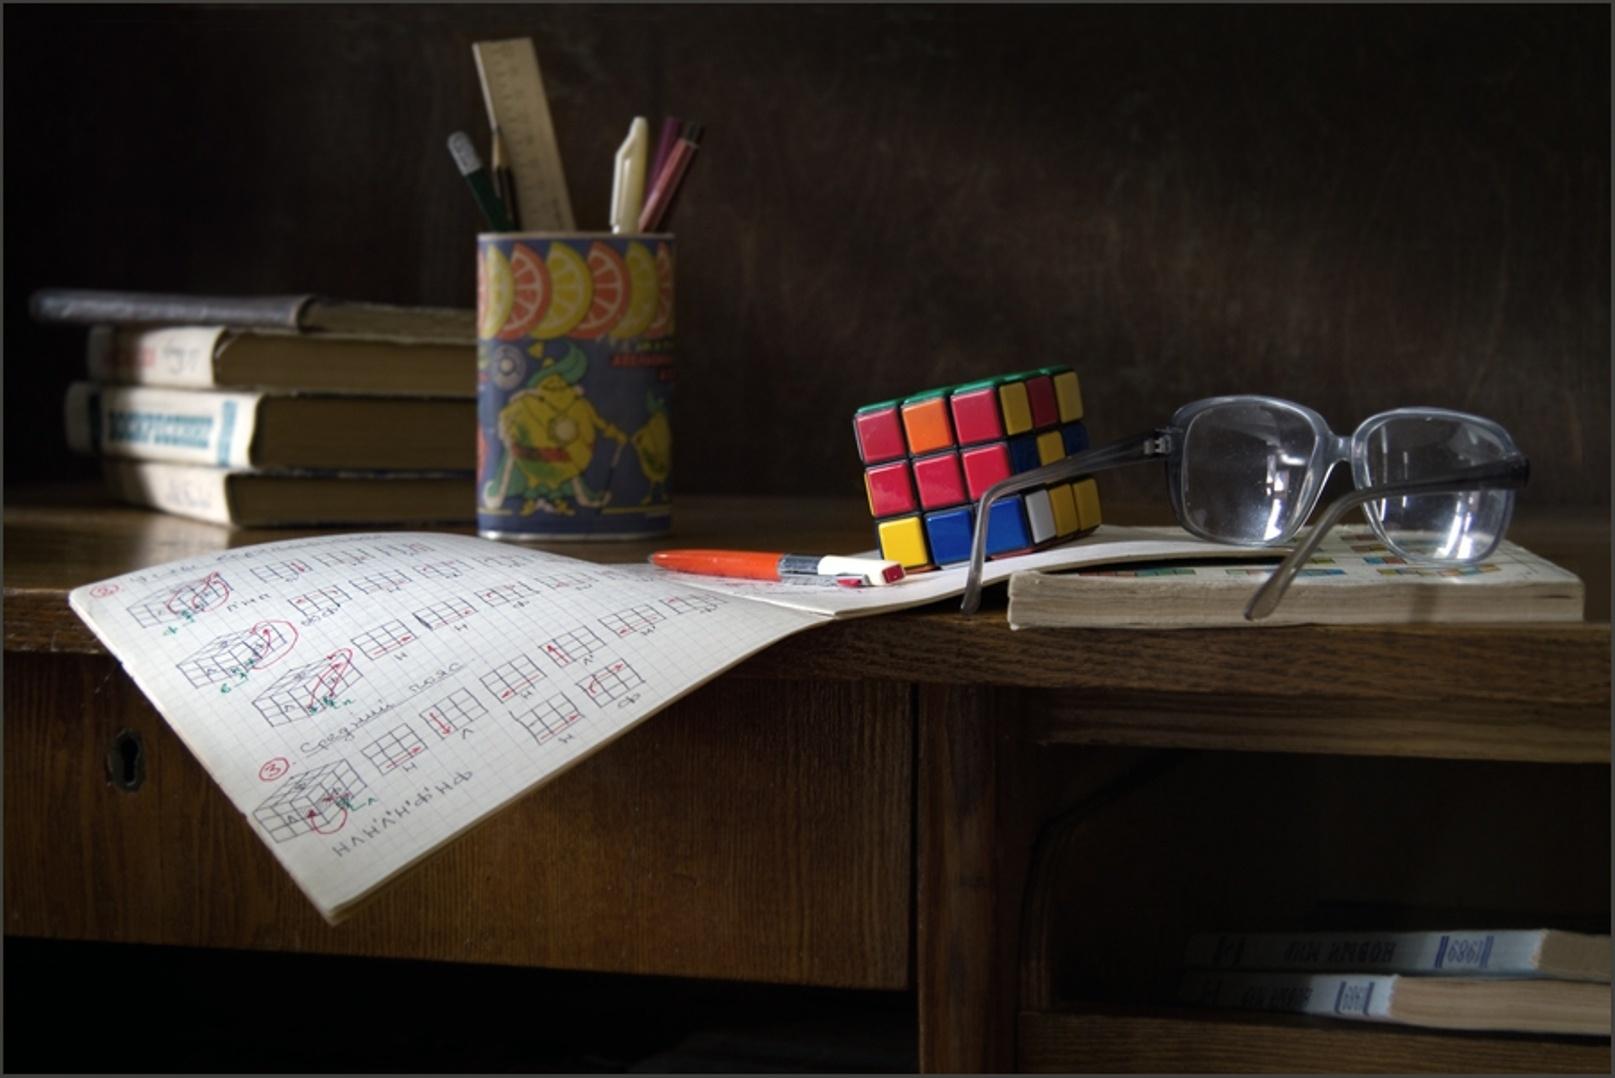 149275 скачать обои Разное, Стол, Очки, Инструкция, Кубик Рубик, Ручки, Линейка, Книги - заставки и картинки бесплатно